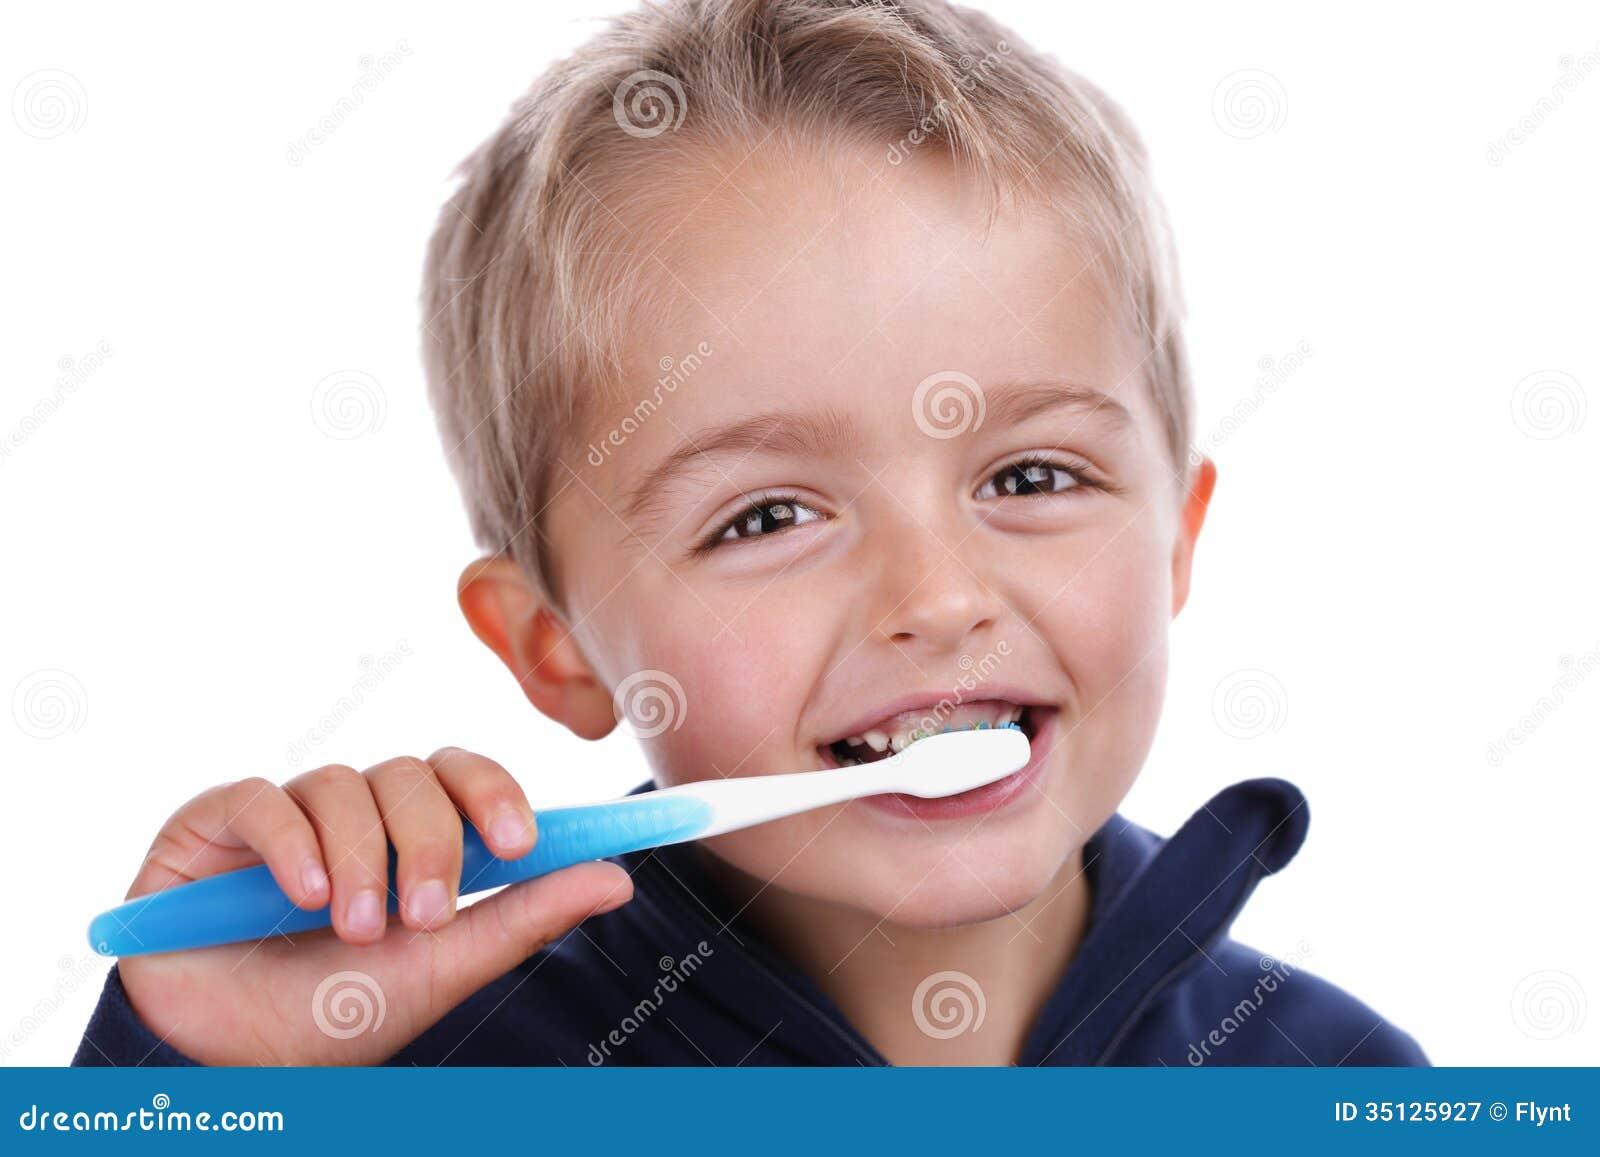 Child Brushing Teeth Royalty Free Stock Photography - Image: 35125927